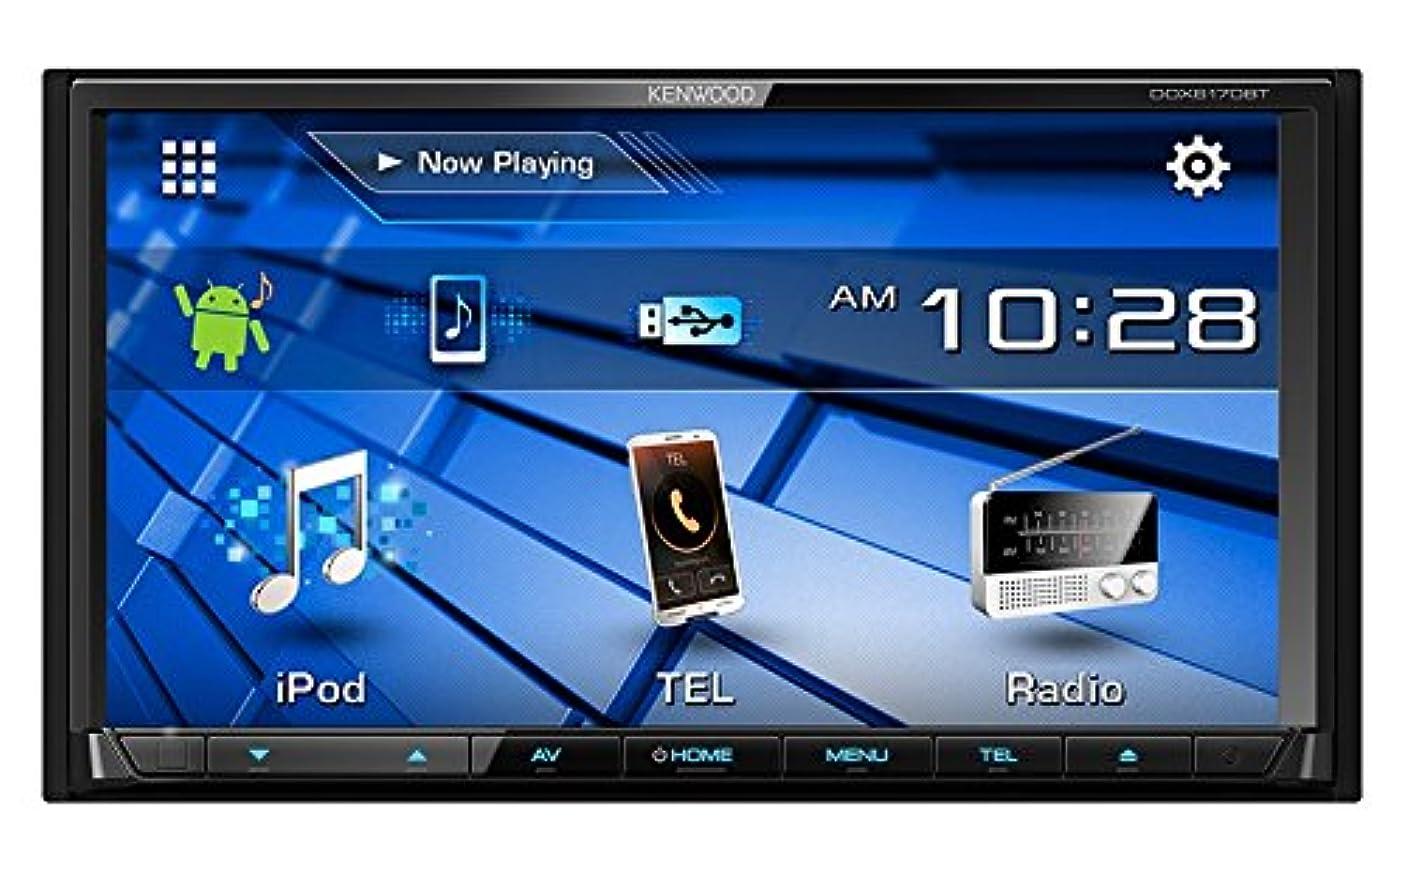 徒歩で責めるつかまえるTOWOTO カーオーディオ 車載MP3プレーヤー カーステレオ Bluetooth ハンズフリー通話可能 高品質 FMラジオ AUX入力/USBメモリー /SDカード対応 12V車用 1din